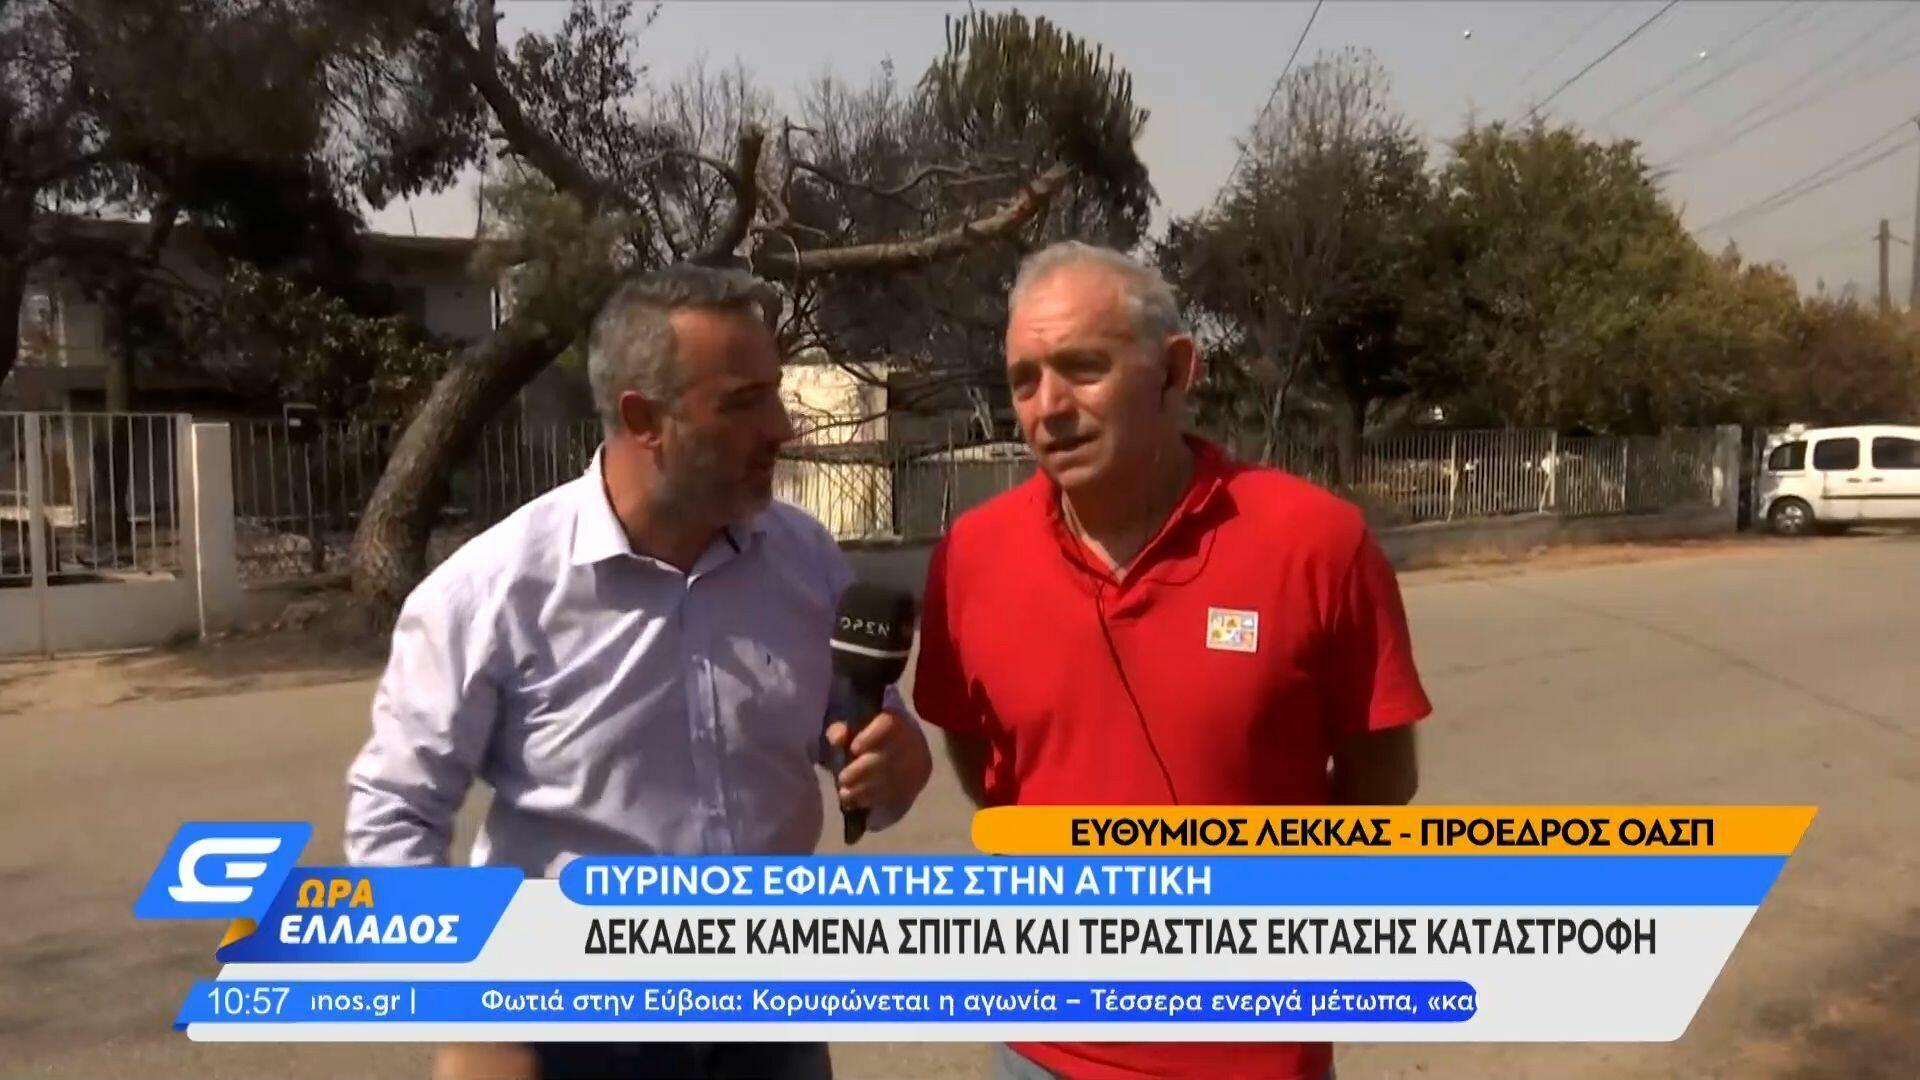 Οργή Λέκκα στον αέρα εκπομπής - Sputnik Ελλάδα, 1920, 04.08.2021